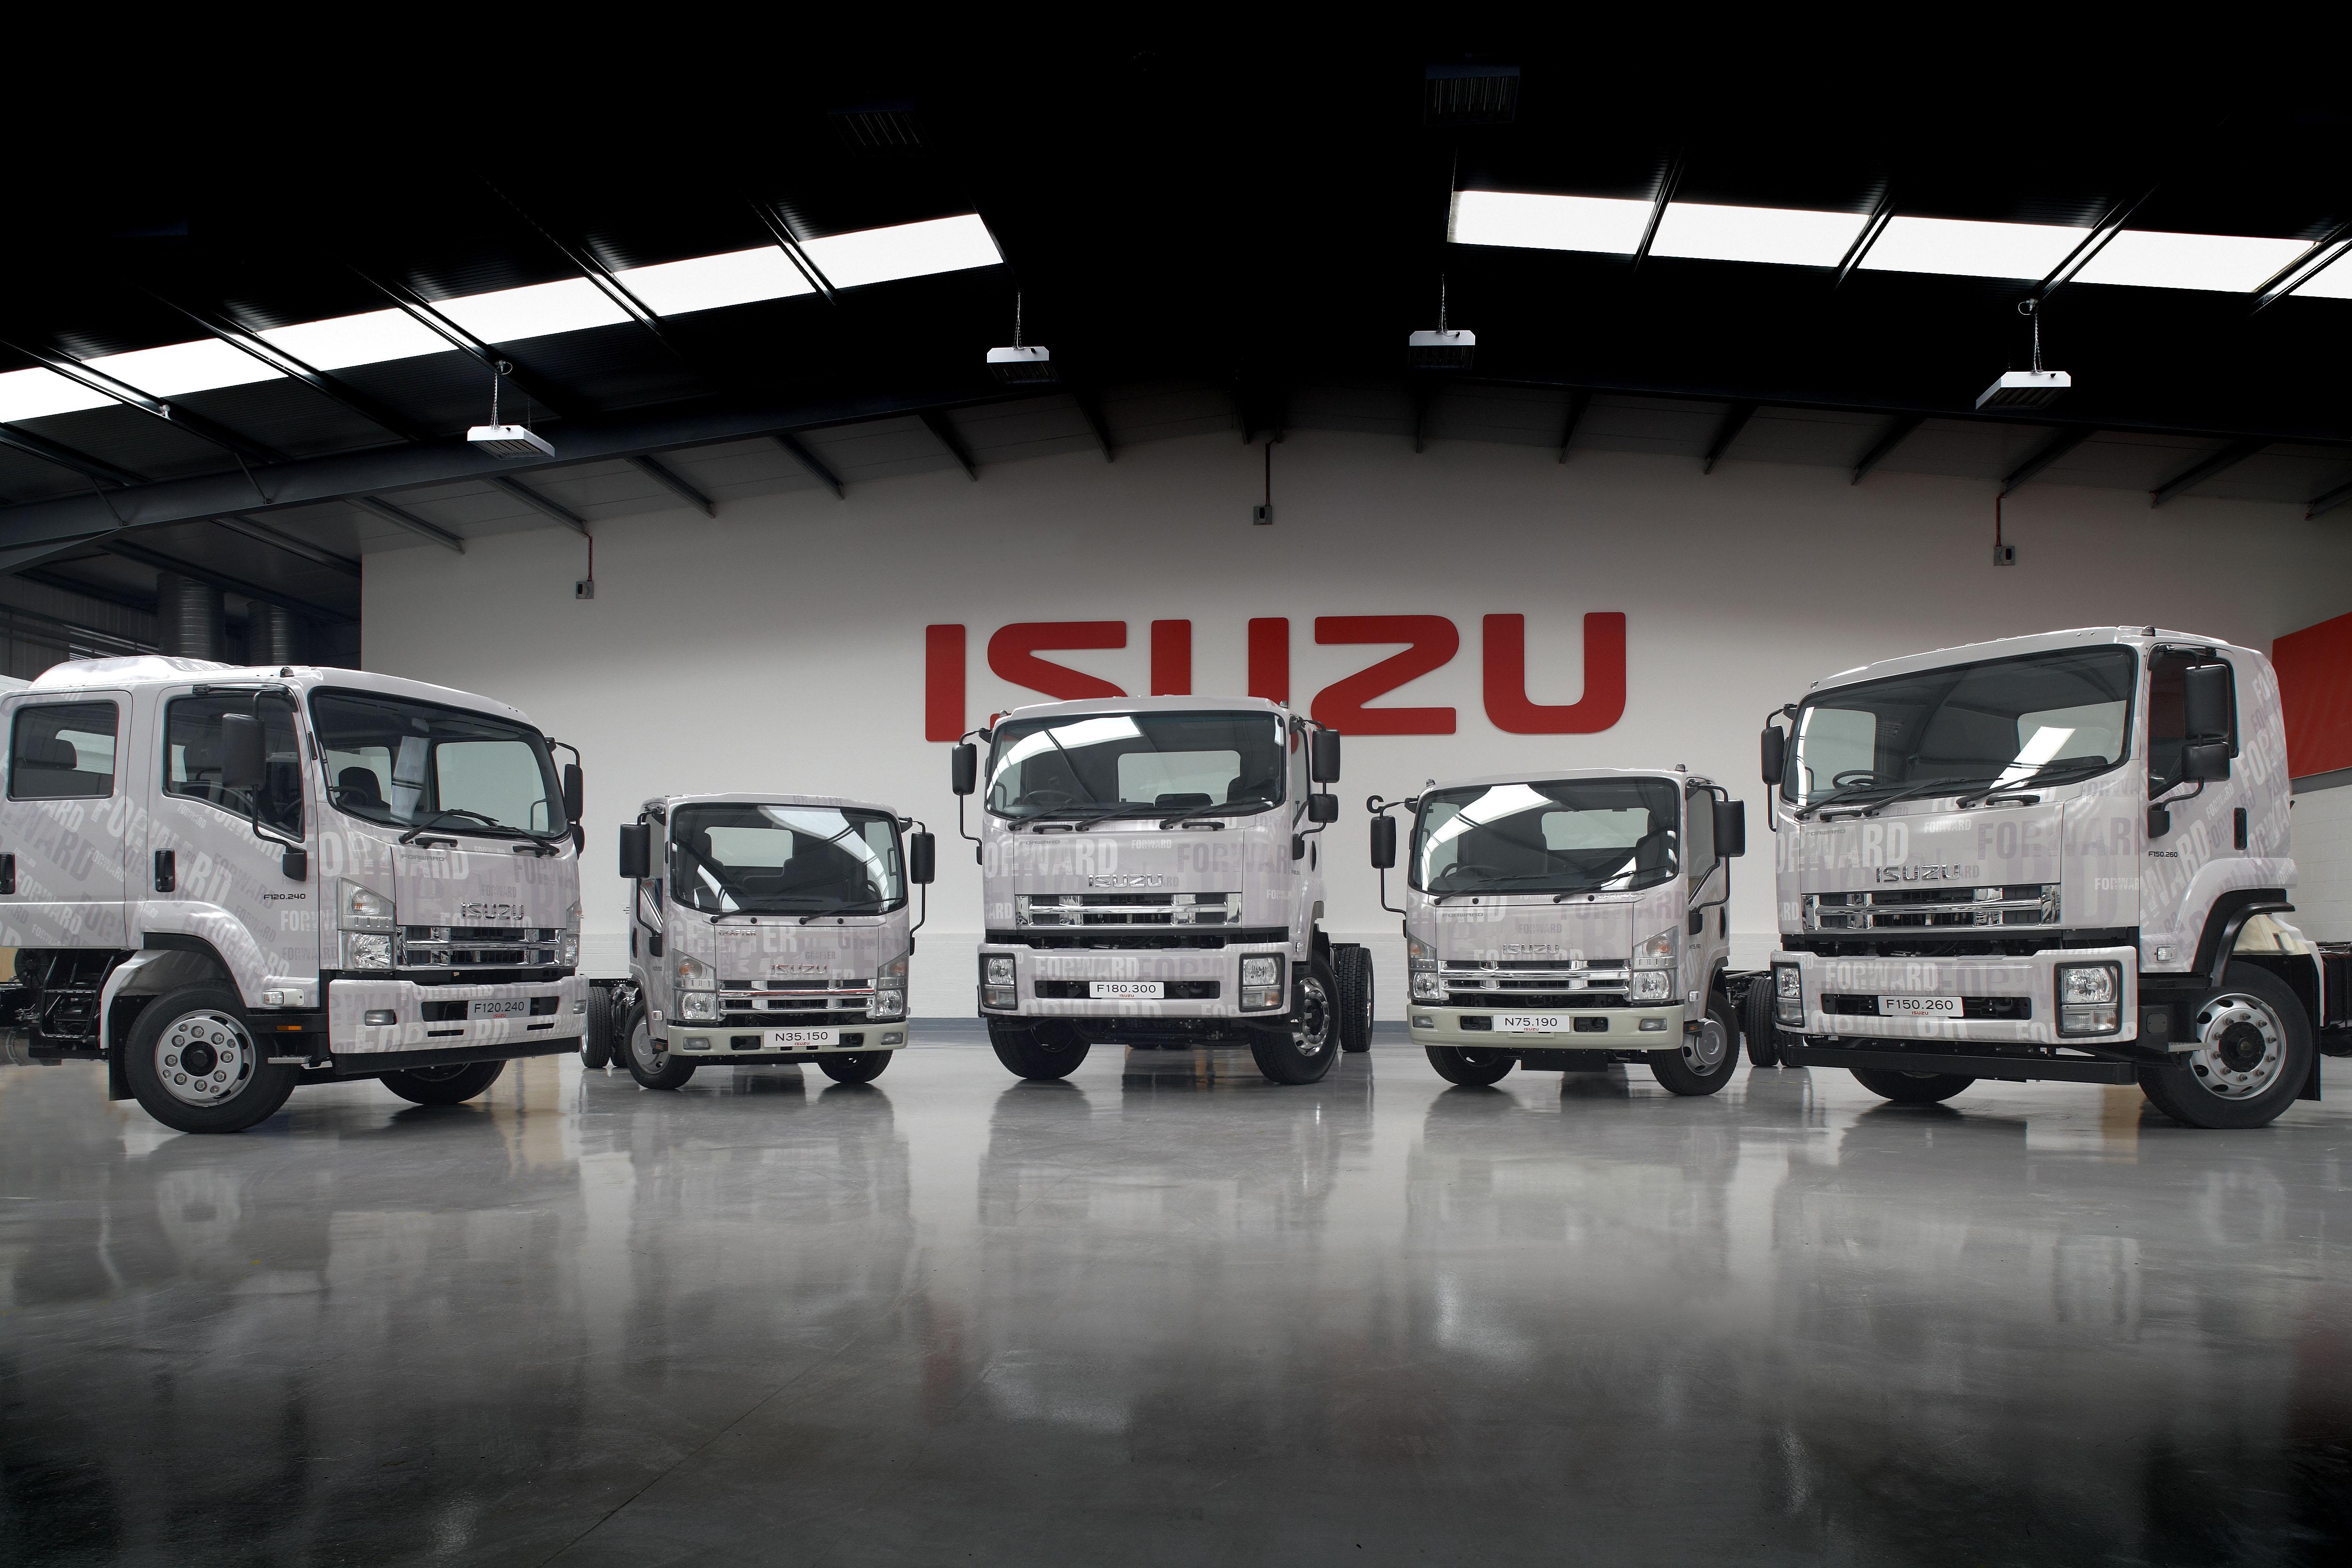 Isuzu-Pictures-11.jpg